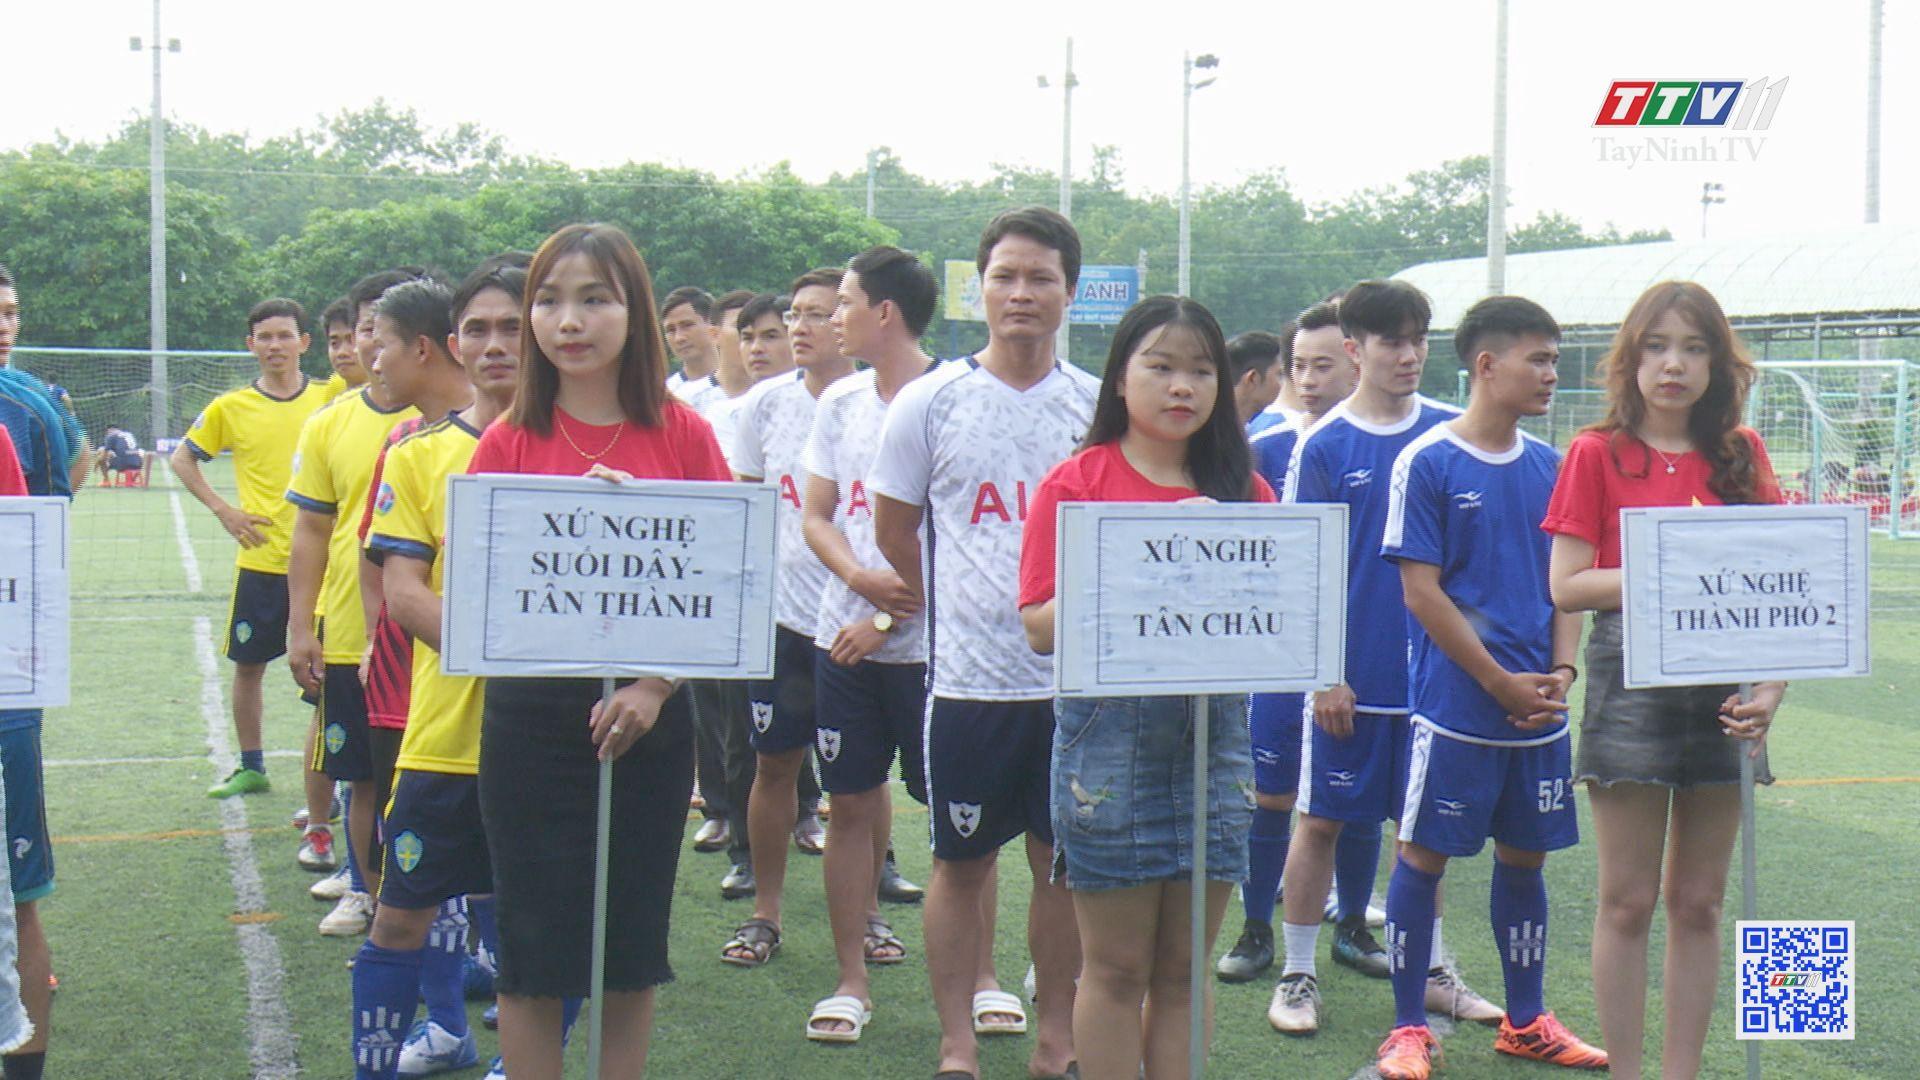 Giải bóng đá xứ Nghệ tại Tây Ninh lần 6 | BẢN TIN THỂ THAO | TayNinhTV